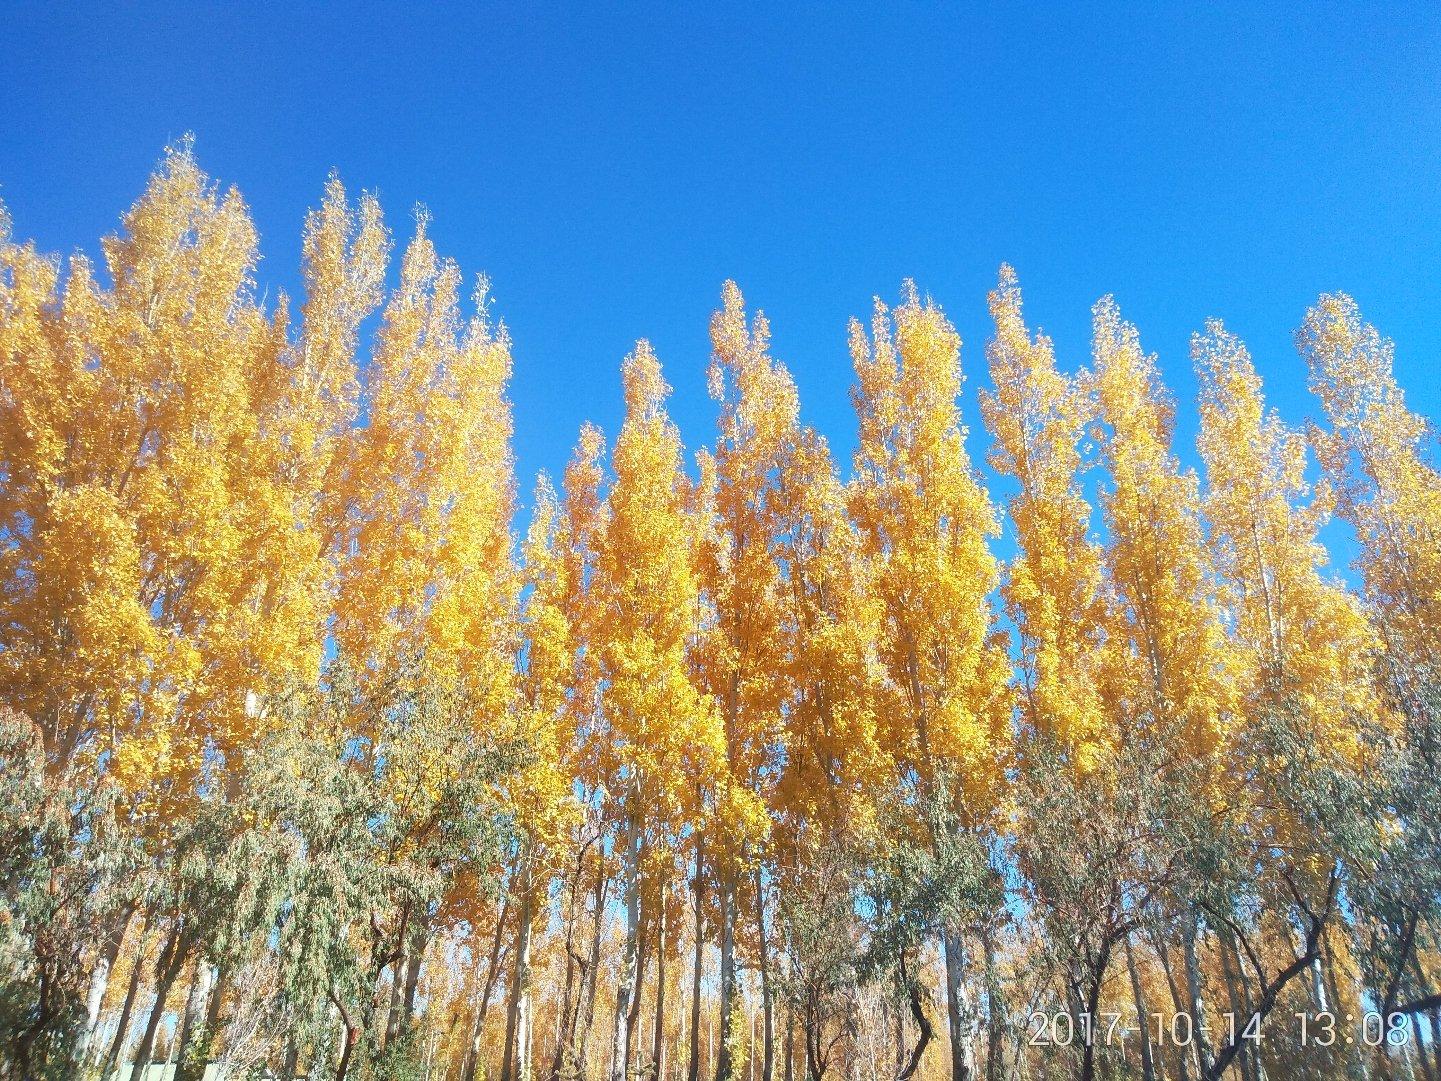 新疆维吾尔自治区阿勒泰地区阿勒泰市中瀚北路天气预报